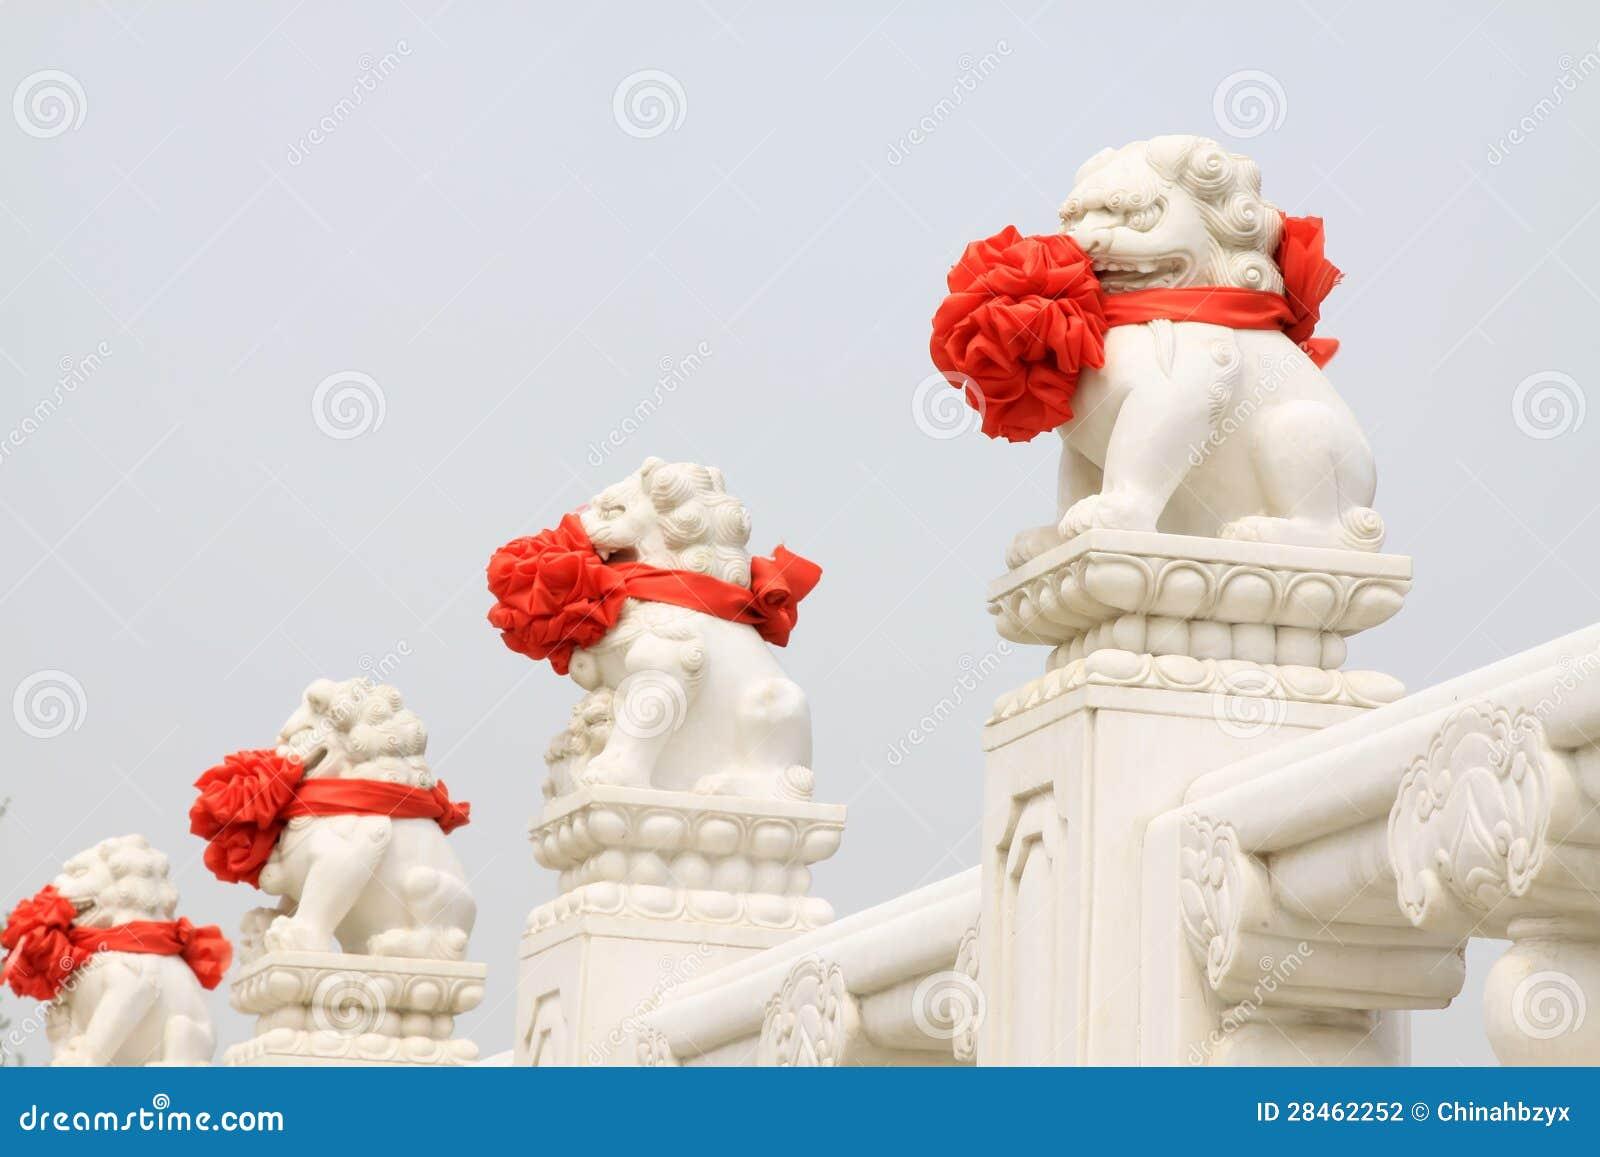 Estatua de m rmol blanca de los leones de piedra for Piedra marmol blanca